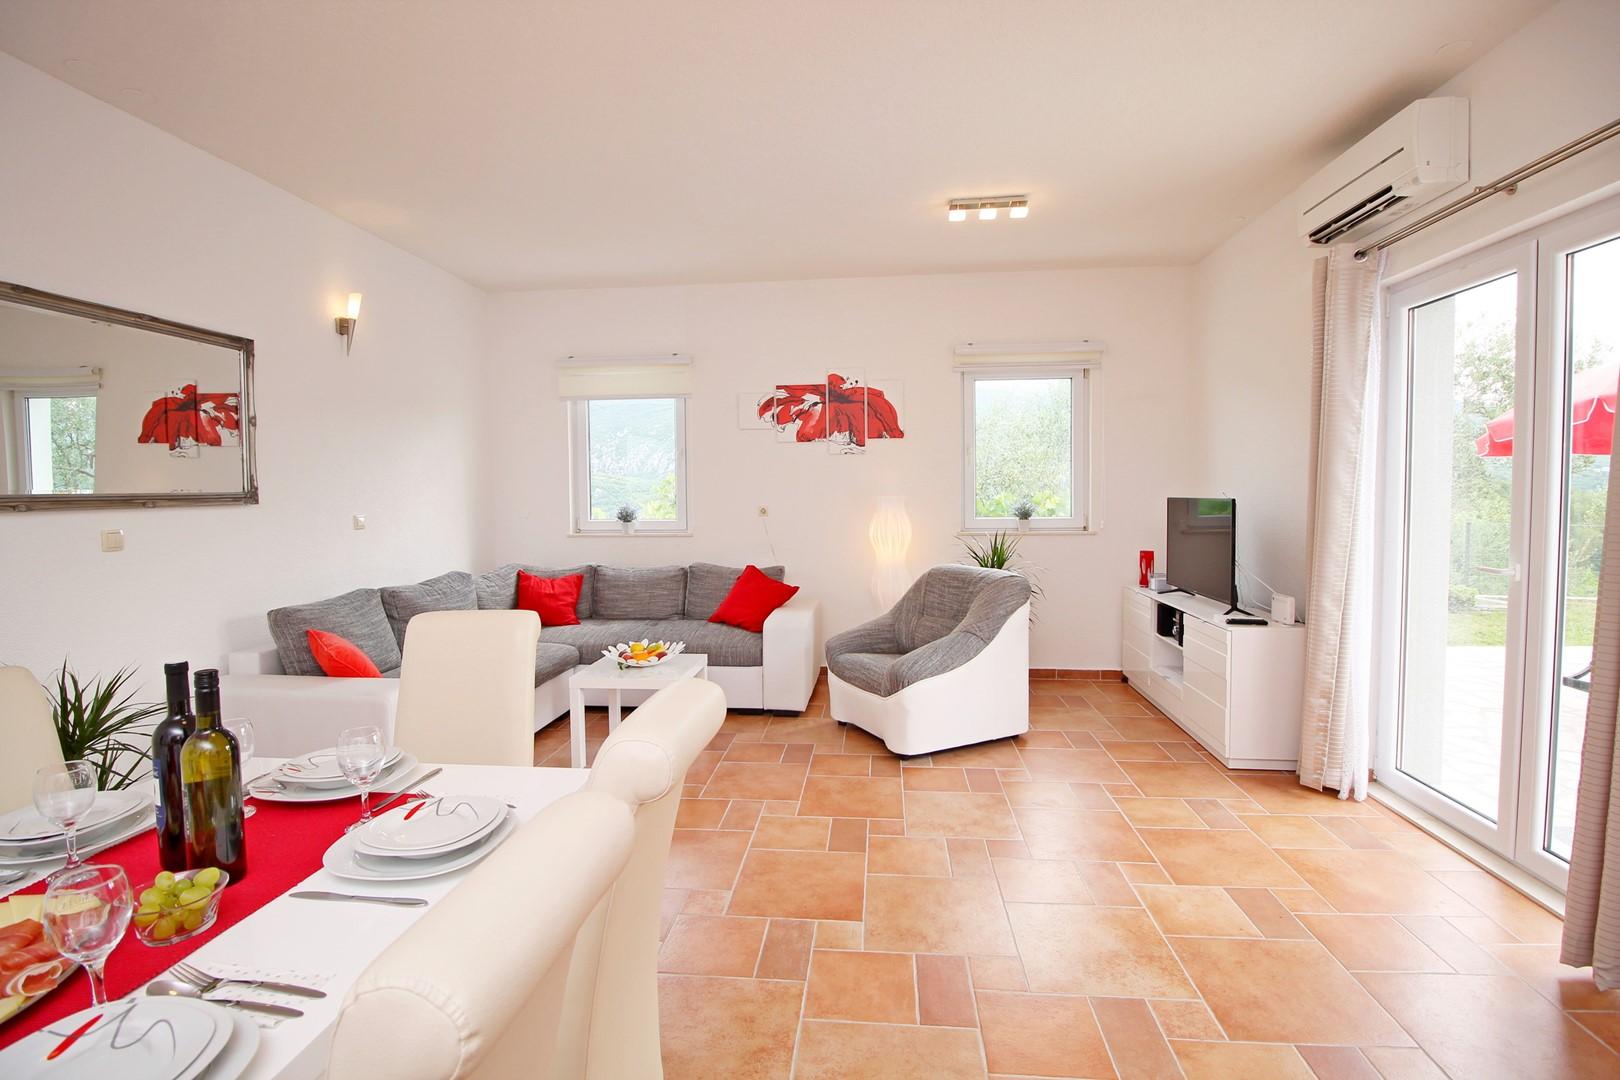 Ferienhaus Privater Pool 3,5 x 8,6 m, überdachter Essbereich im Freien, kostenloses WLAN, voll - klim (2663850), Kostanje, , Dalmatien, Kroatien, Bild 16